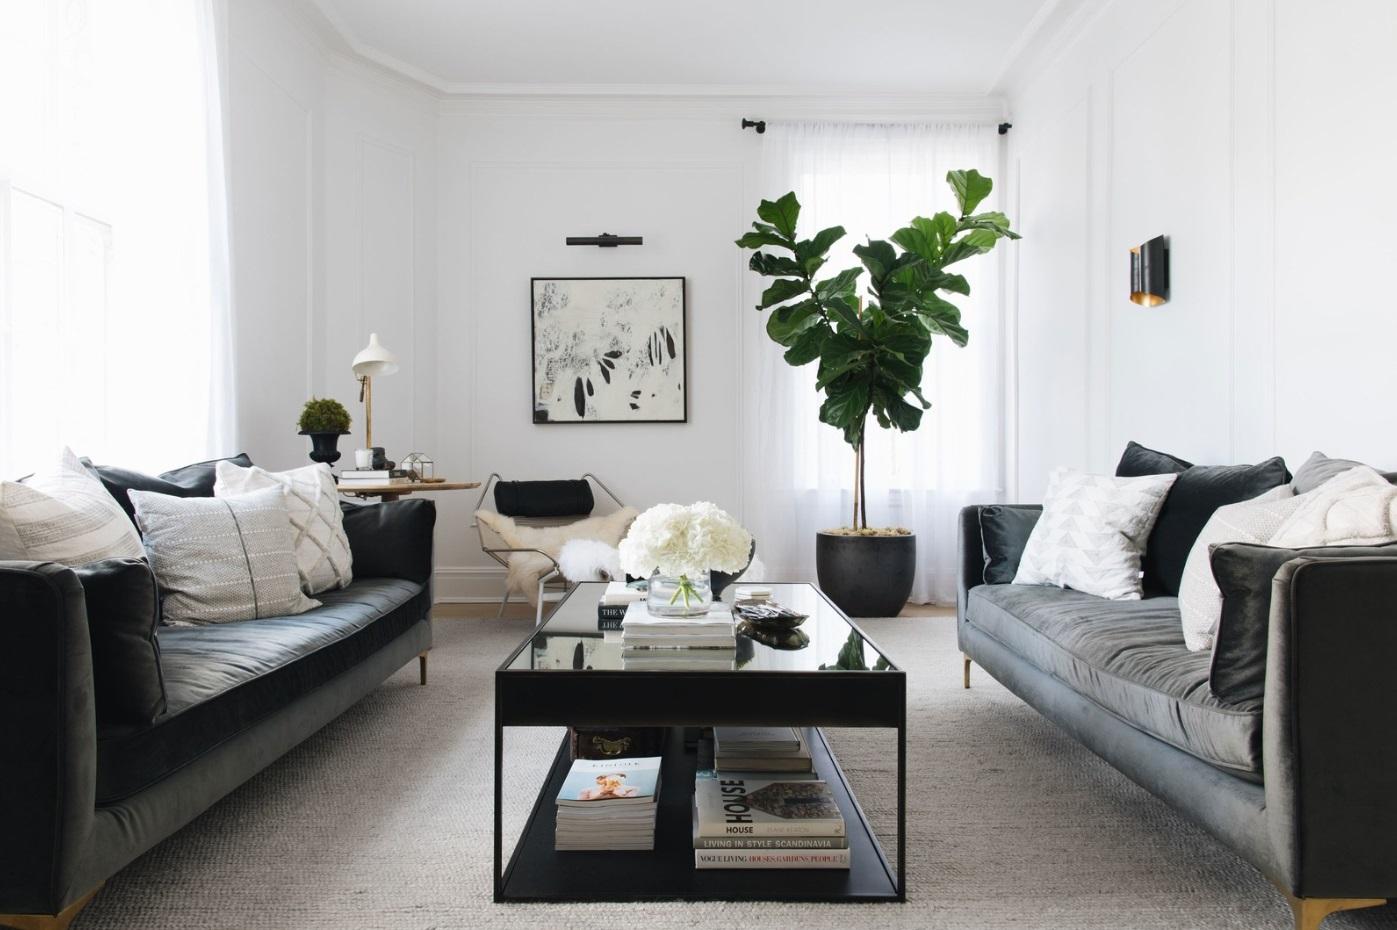 jak zaplanowac oswietlenie malego mieszkania